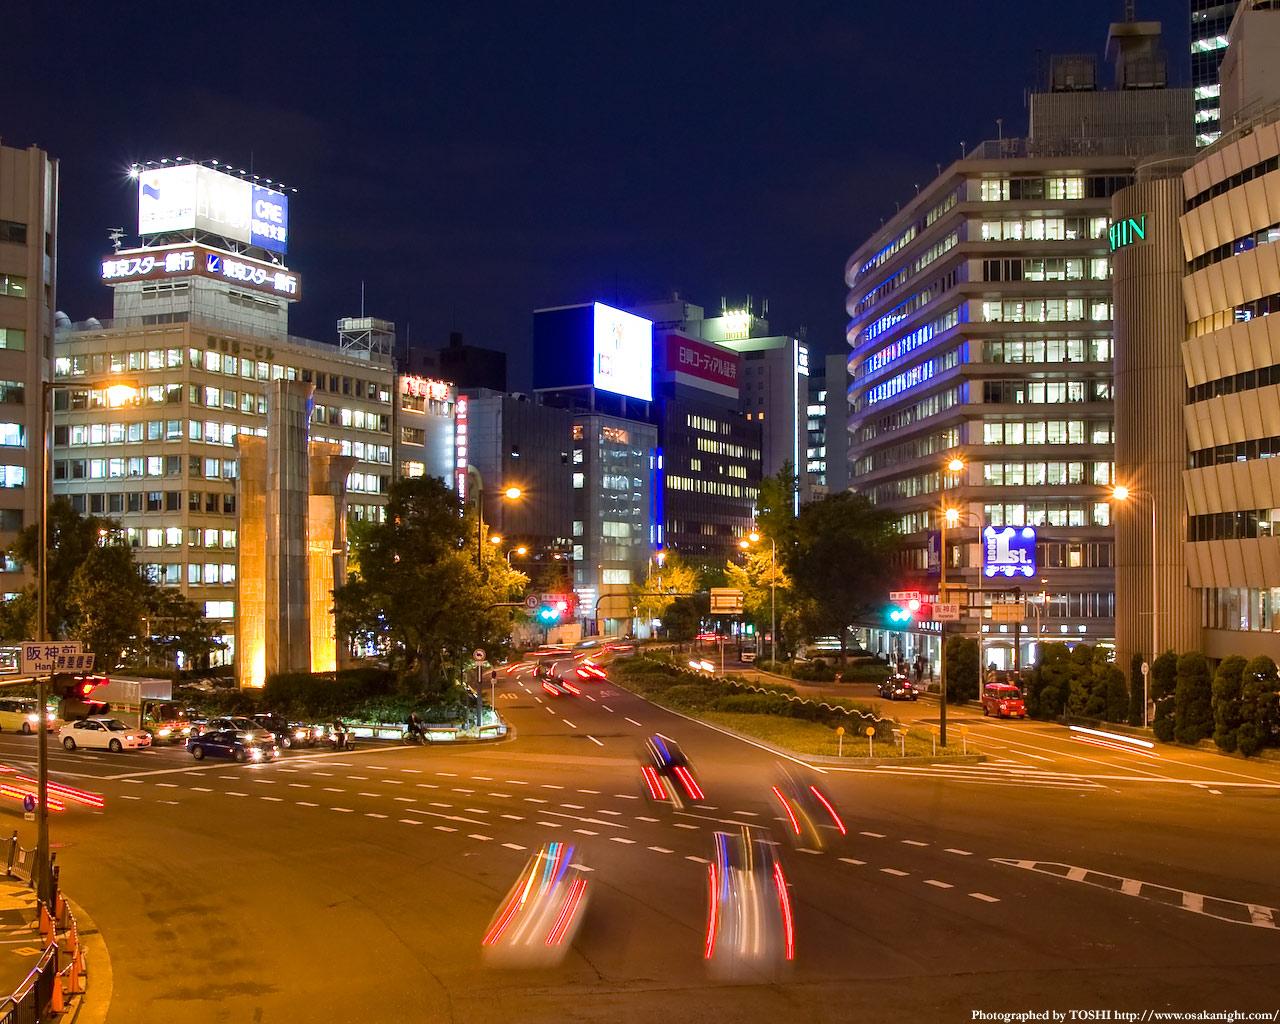 阪急阪神前交差点御堂筋方面